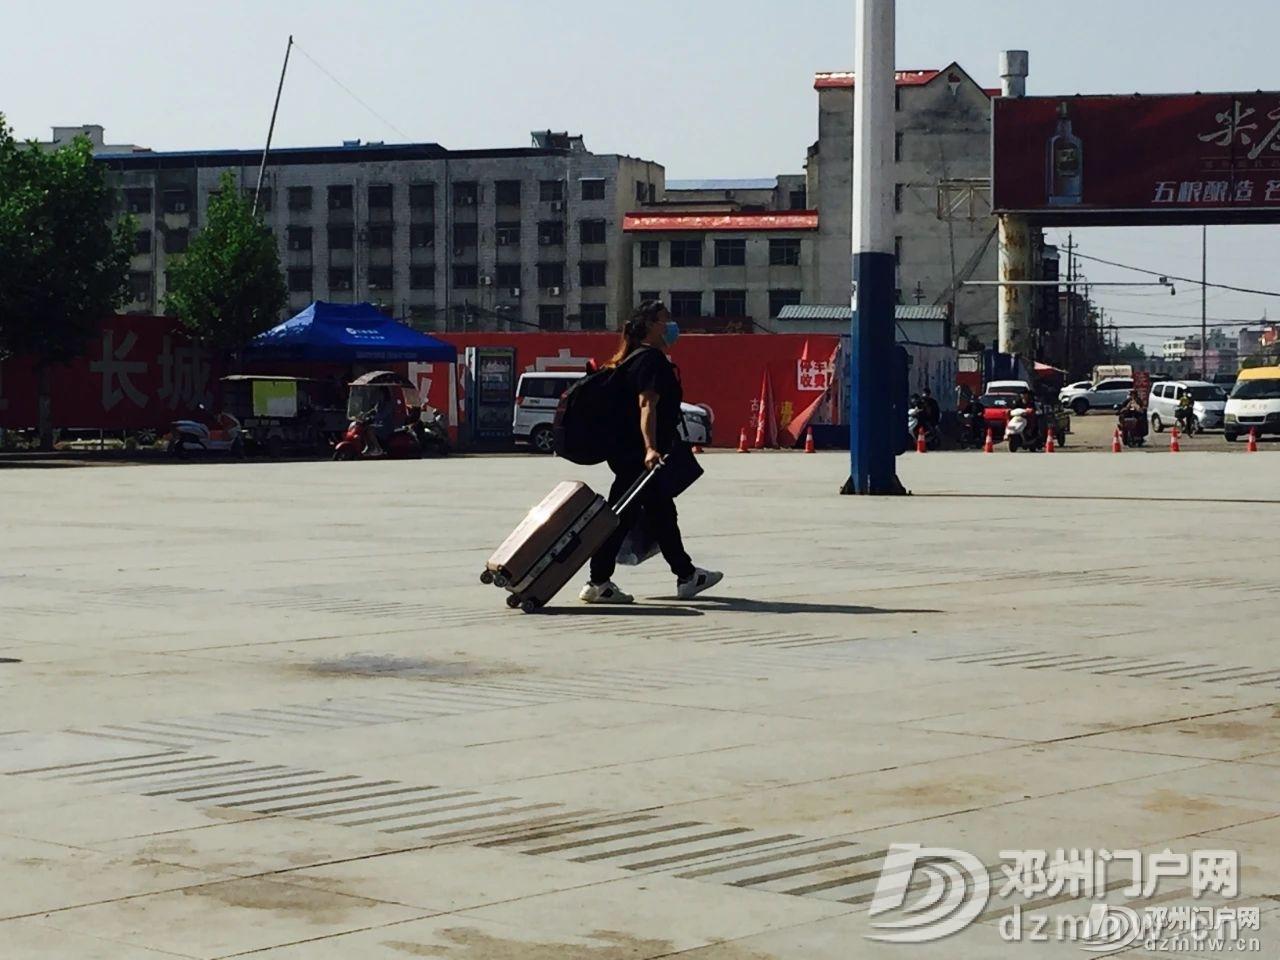 今天起,将有成千上万人离开邓州!在邓州火车站拍到这些画面… - 邓州门户网|邓州网 - 59208b1d3c0b22564d3430f920fe2355.jpg